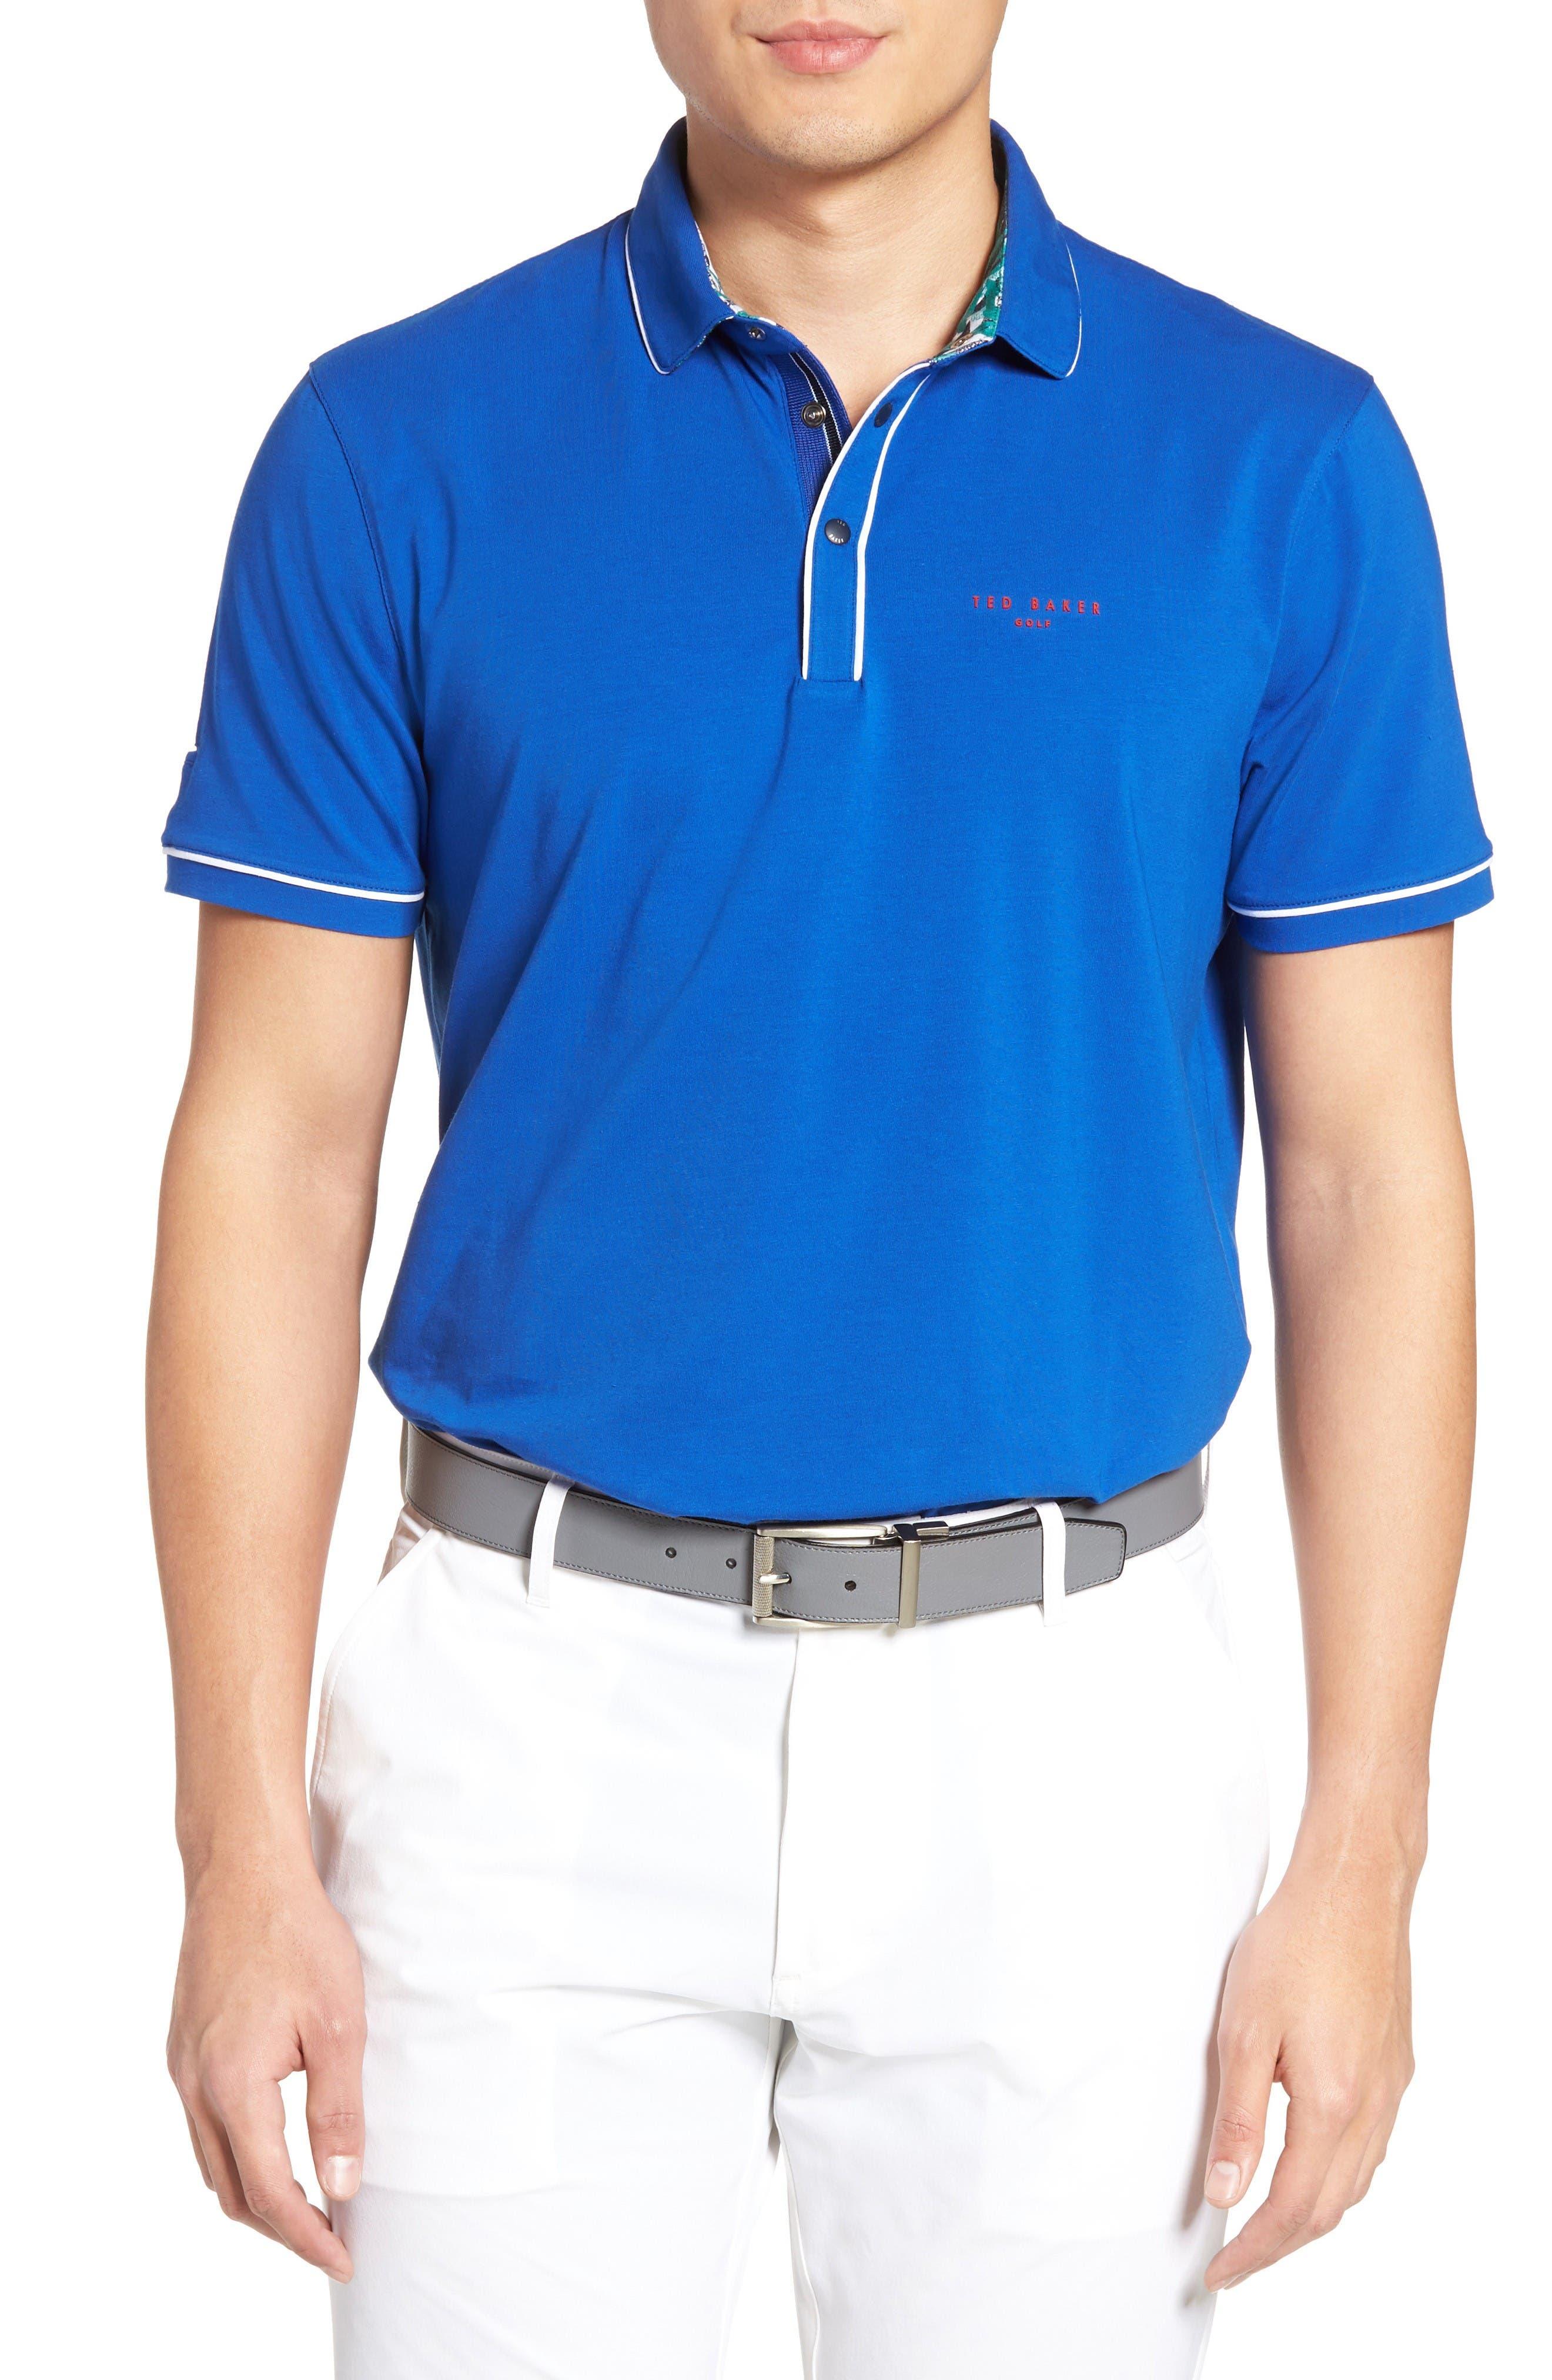 Playgo Piped Trim Golf Polo,                         Main,                         color, Blue